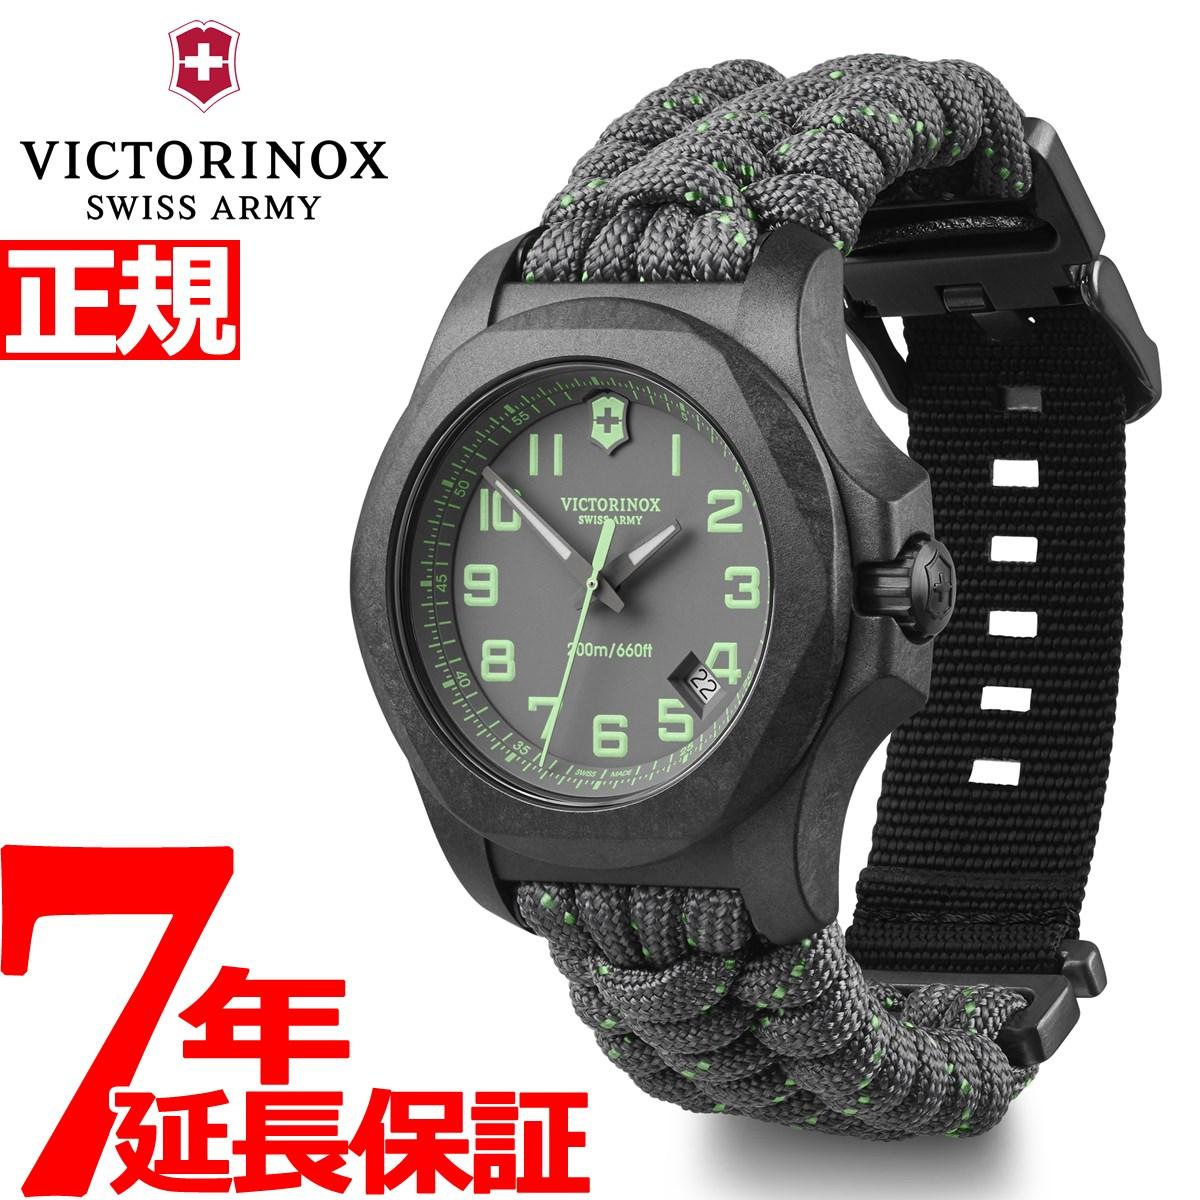 【5日0時~♪2000円OFFクーポン&店内ポイント最大51倍!5日23時59分まで】ビクトリノックス 時計 メンズ イノックス カーボン VICTORINOX 腕時計 I.N.O.X. Carbon 241861